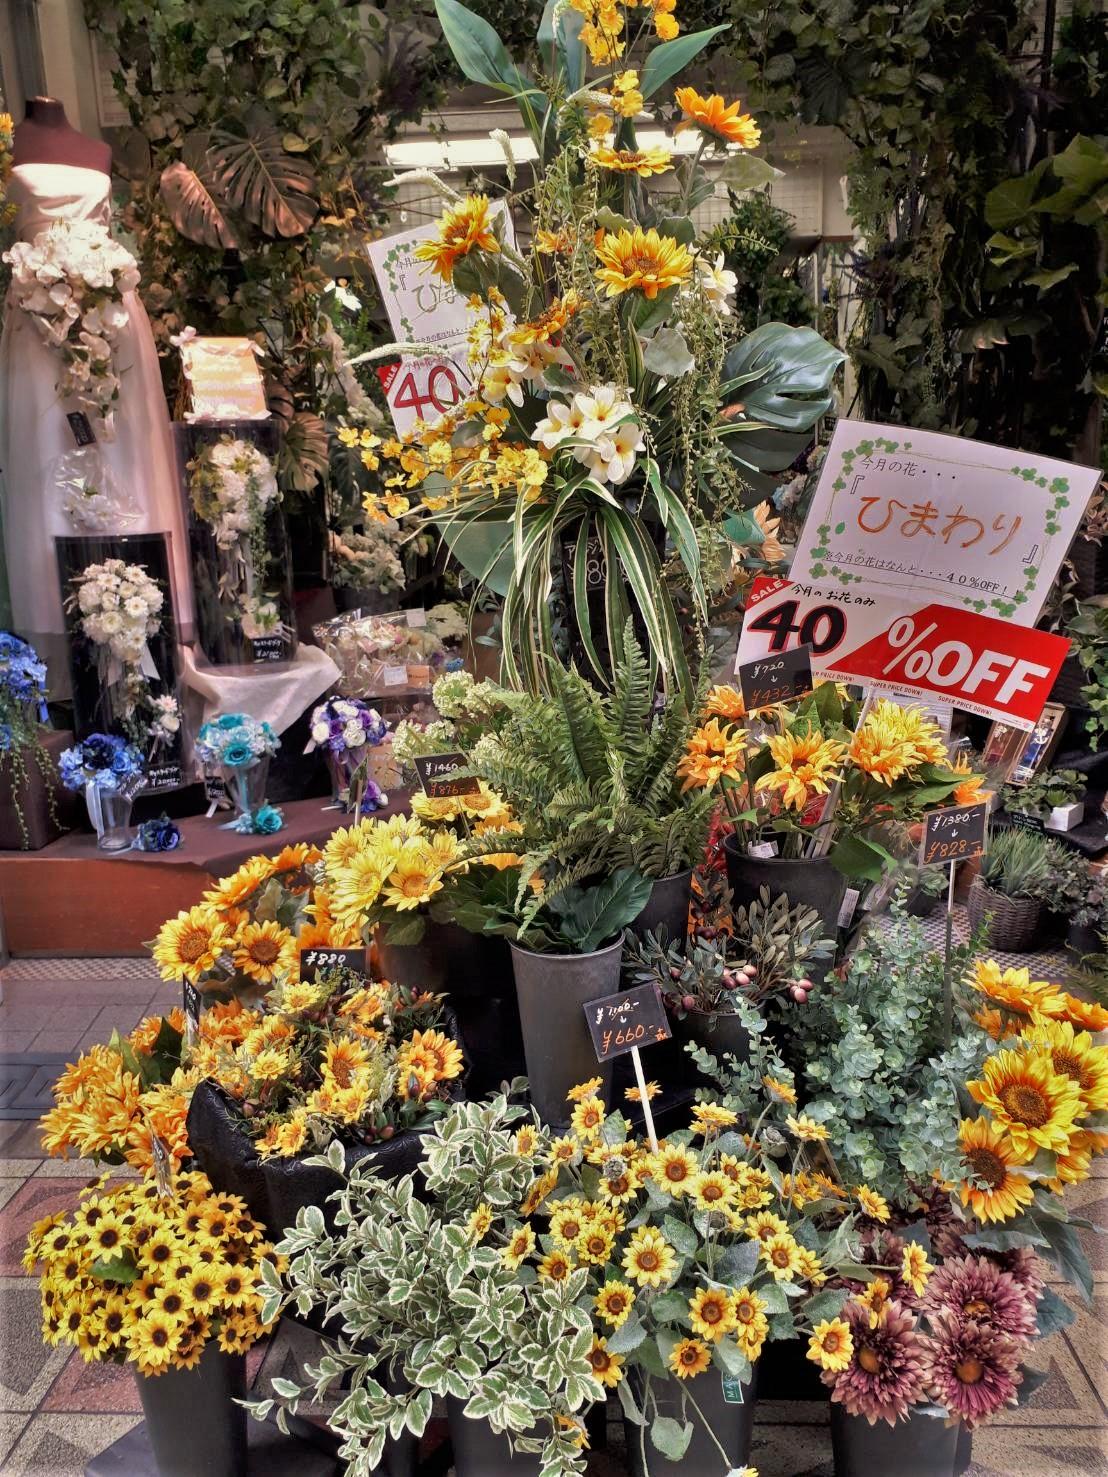 https://flower-saera.com/news/IMG_4645.JPG